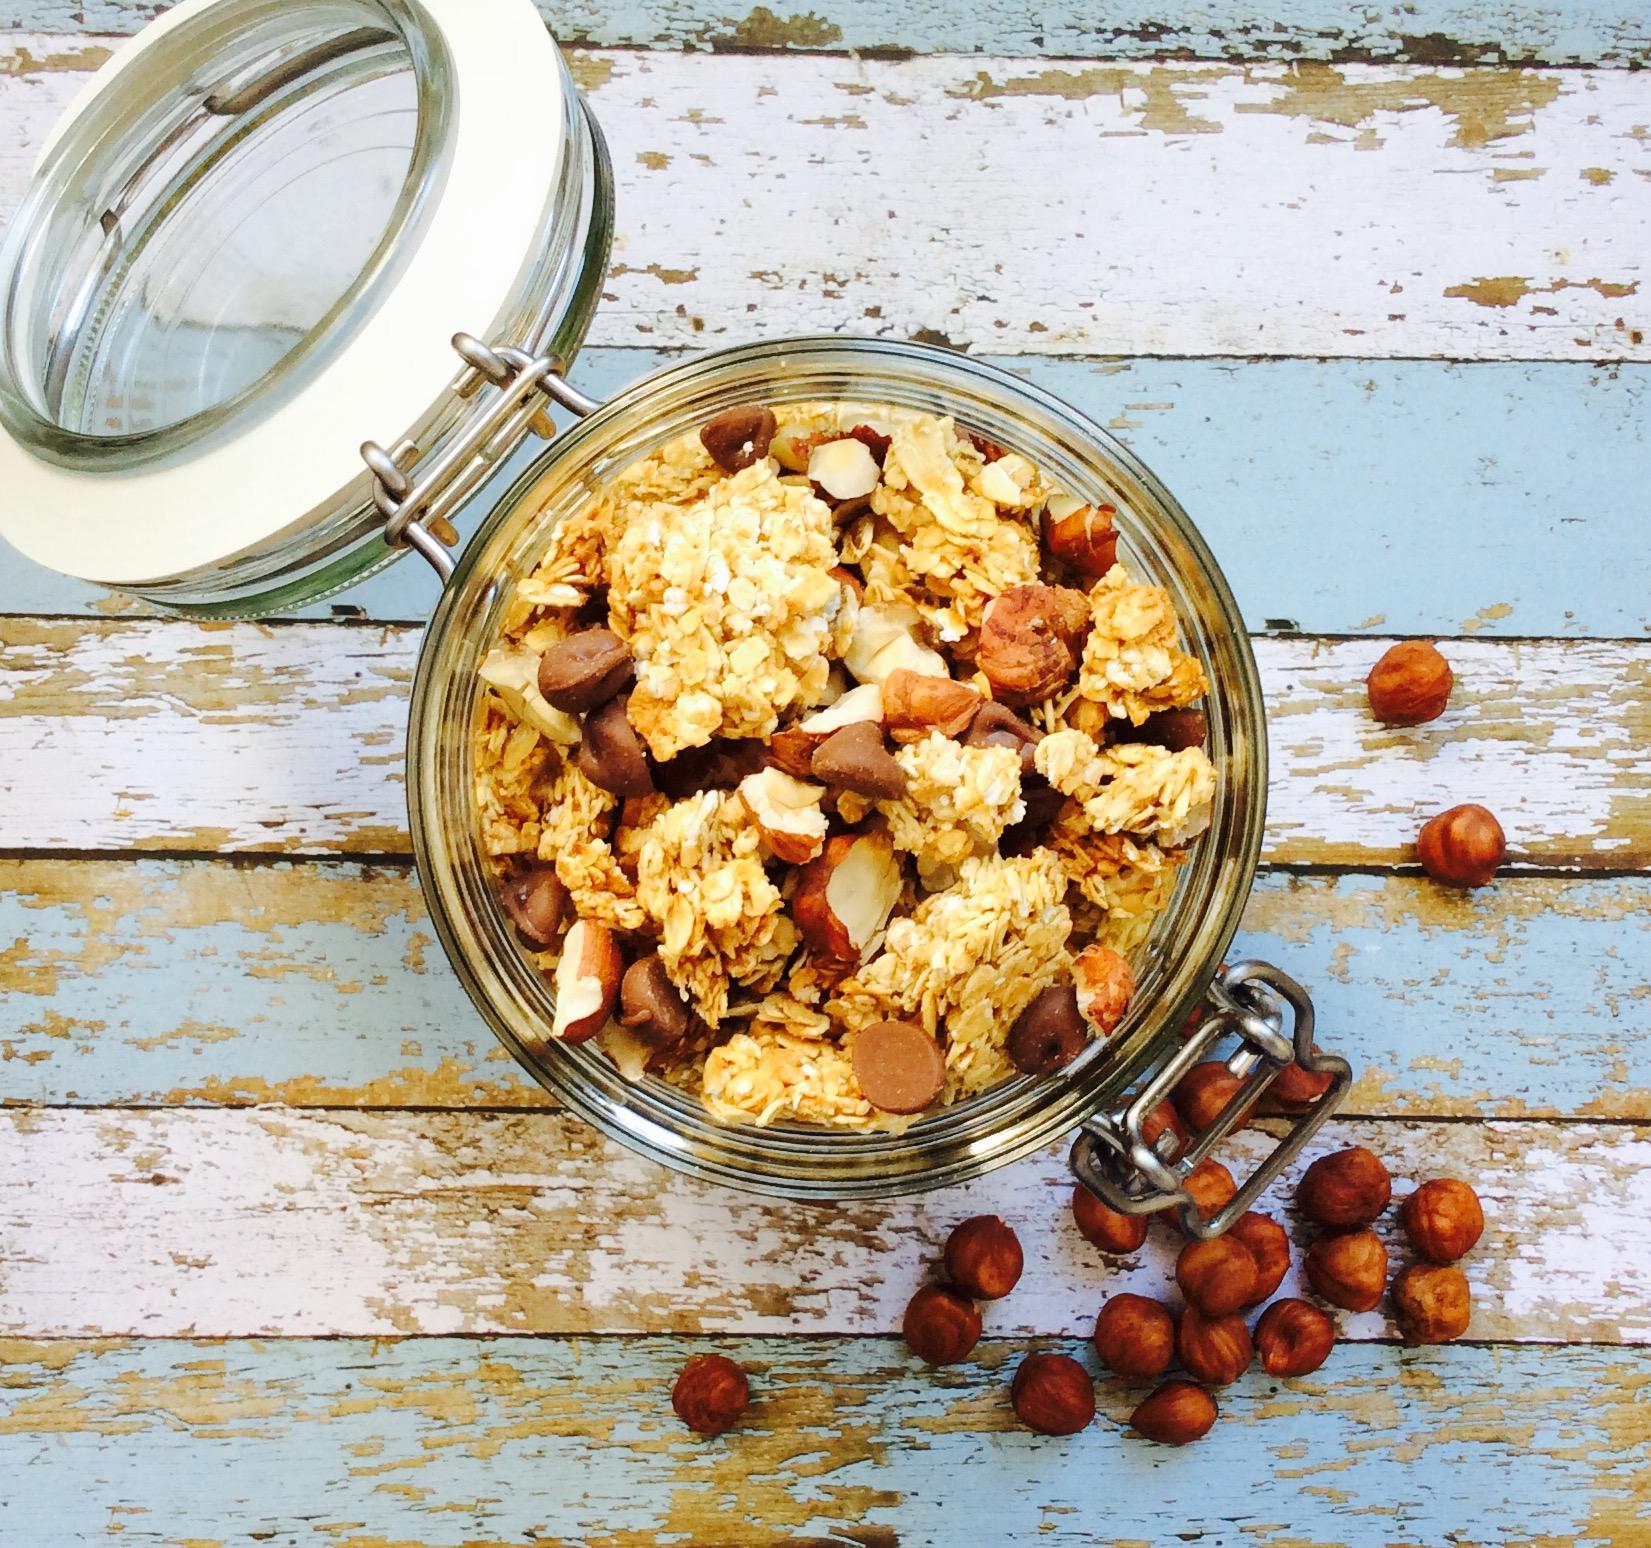 receta-granola-de-avena-con-avellanas-y-chocolate